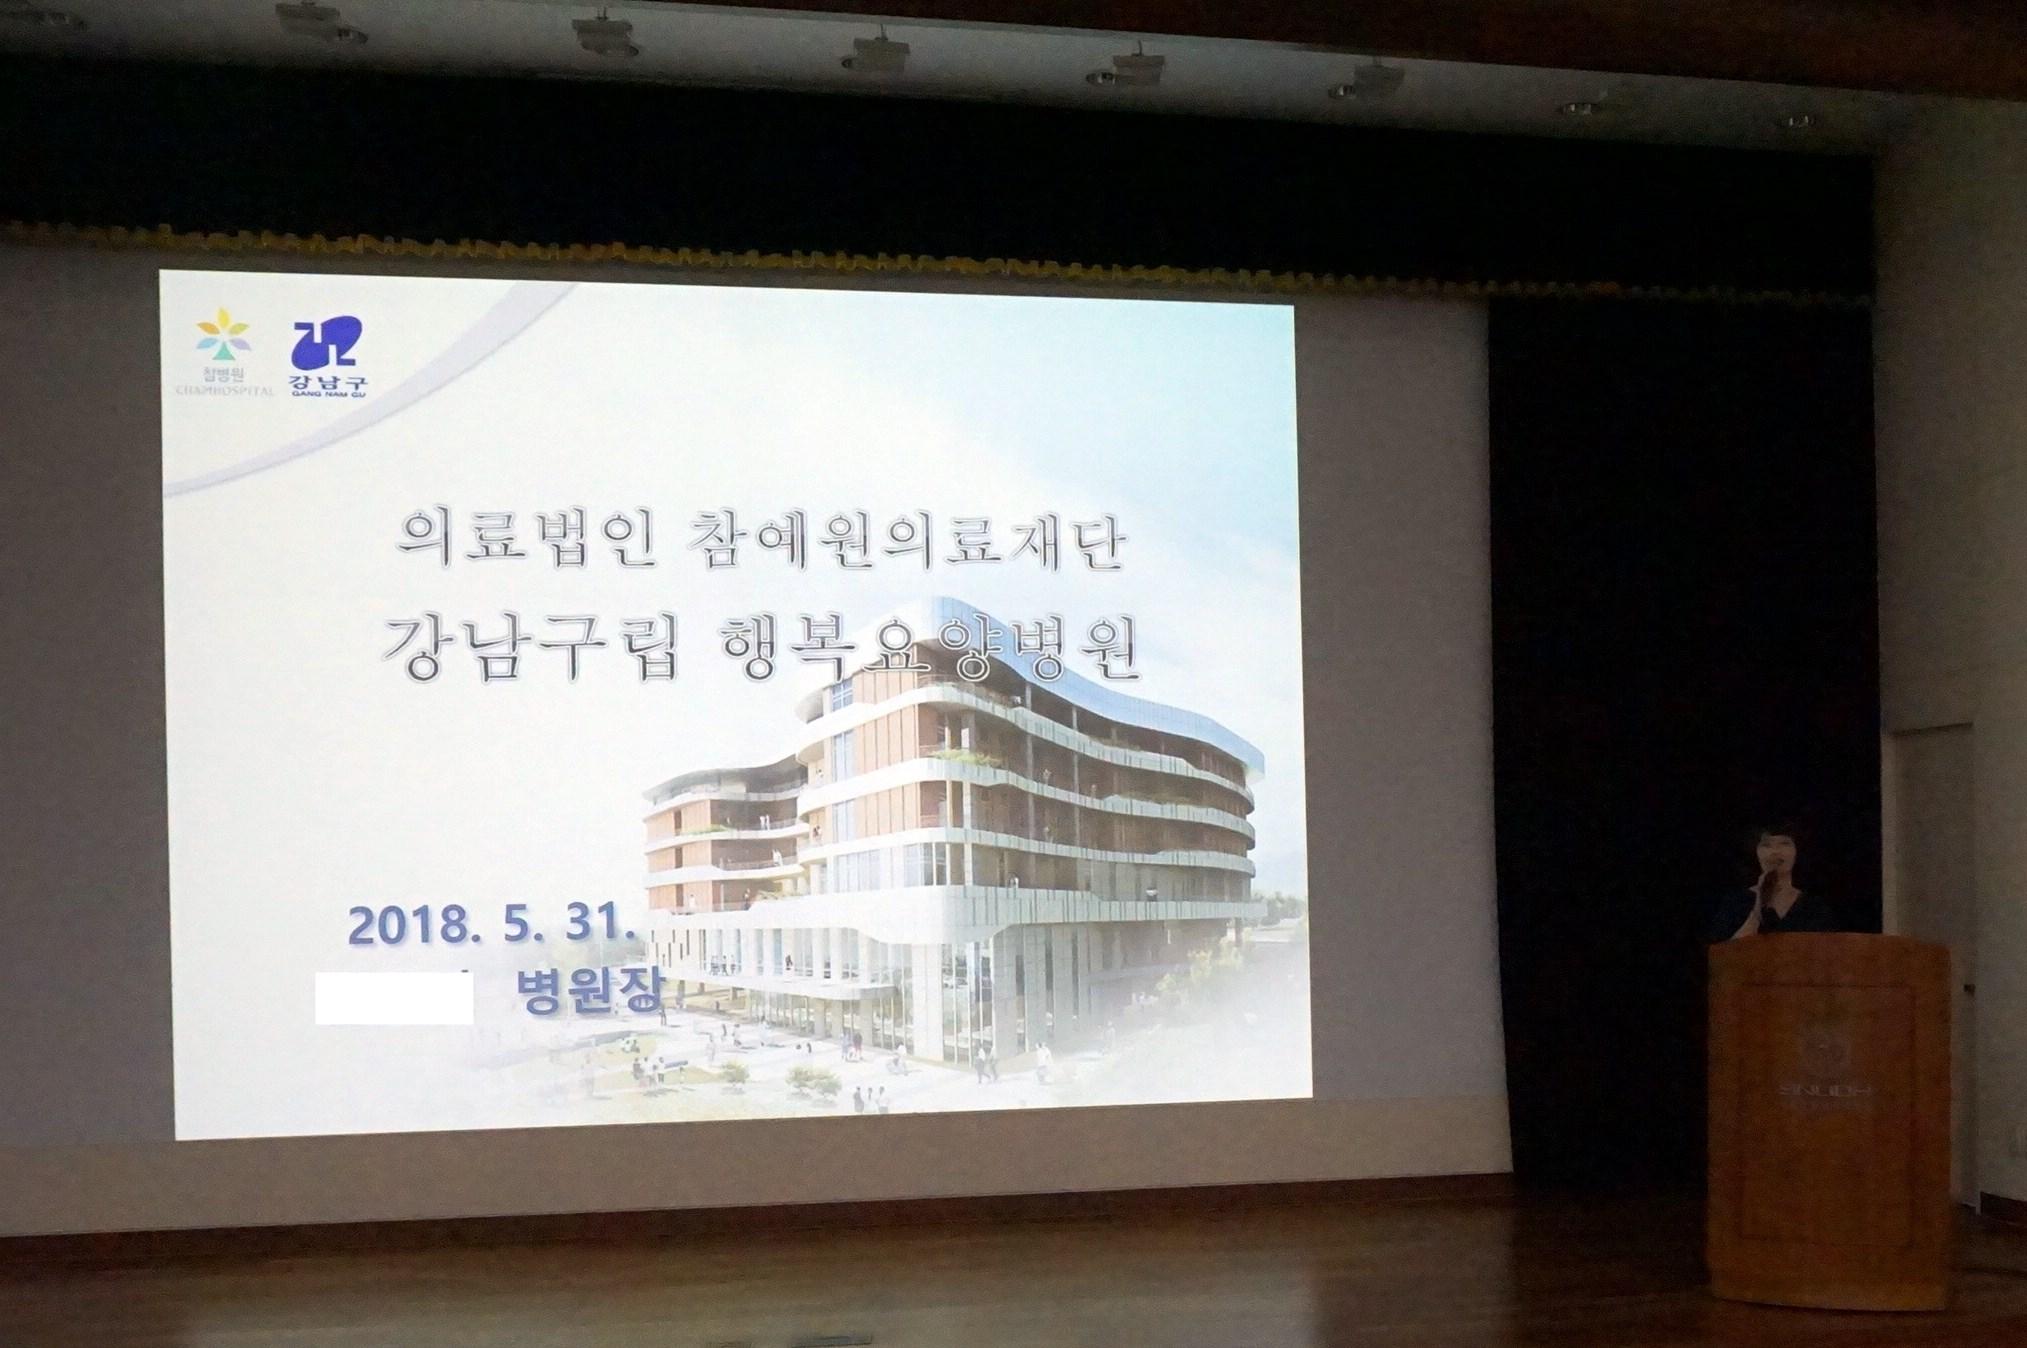 진료정보교류사업 협약식 참예원의료재단 소개 및 발표 강남구립행복요양병원